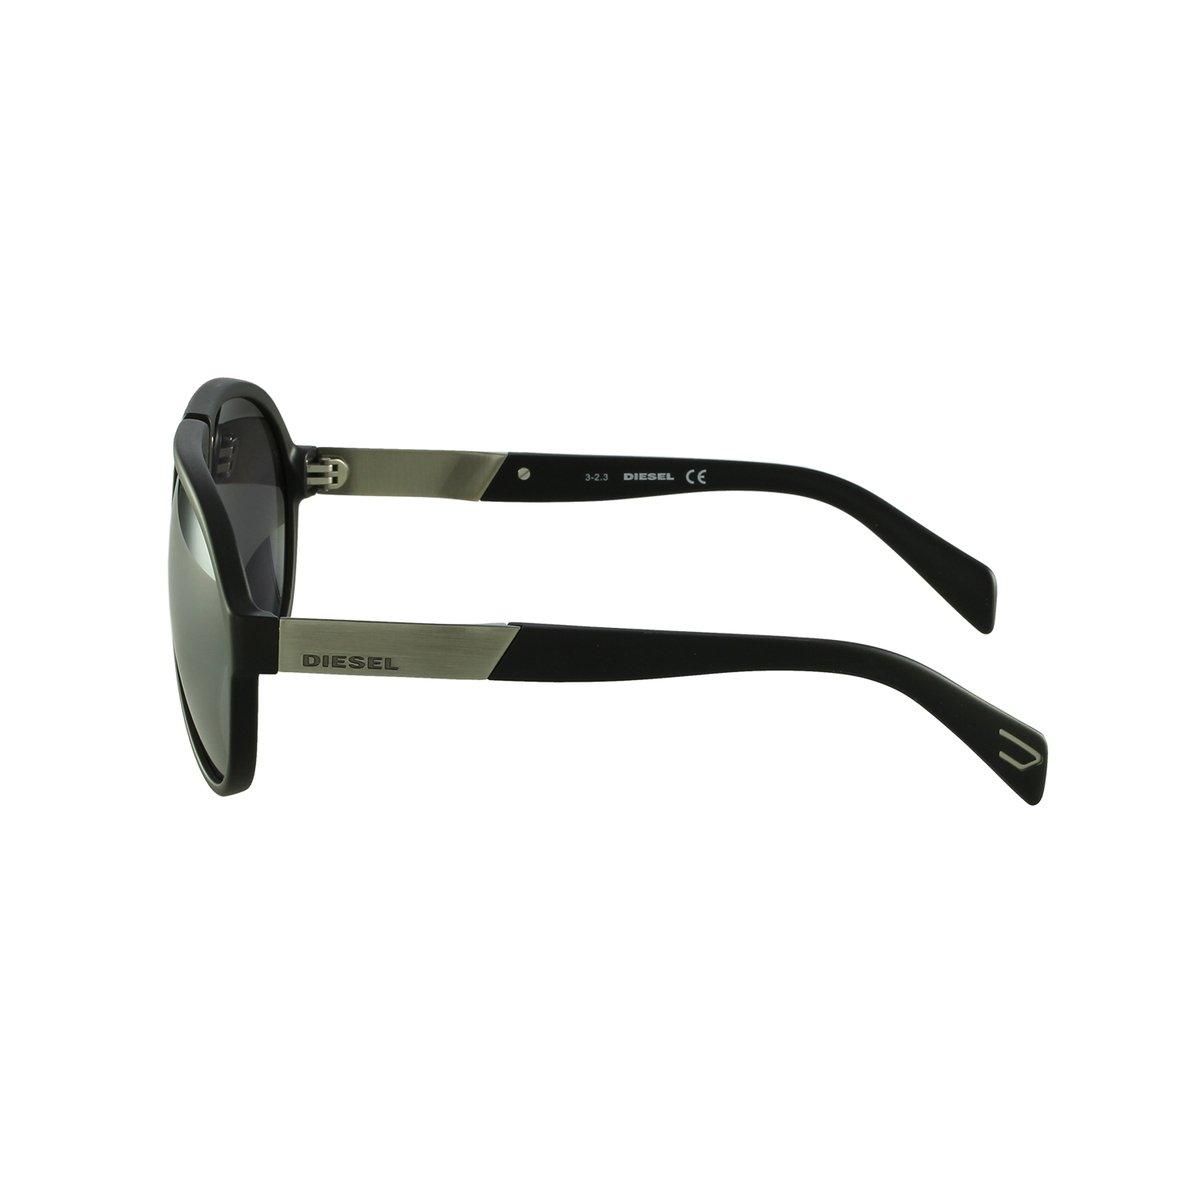 70ed2810e6140 Óculos de Sol Diesel Esportivo Preto - Compre Agora   Netshoes